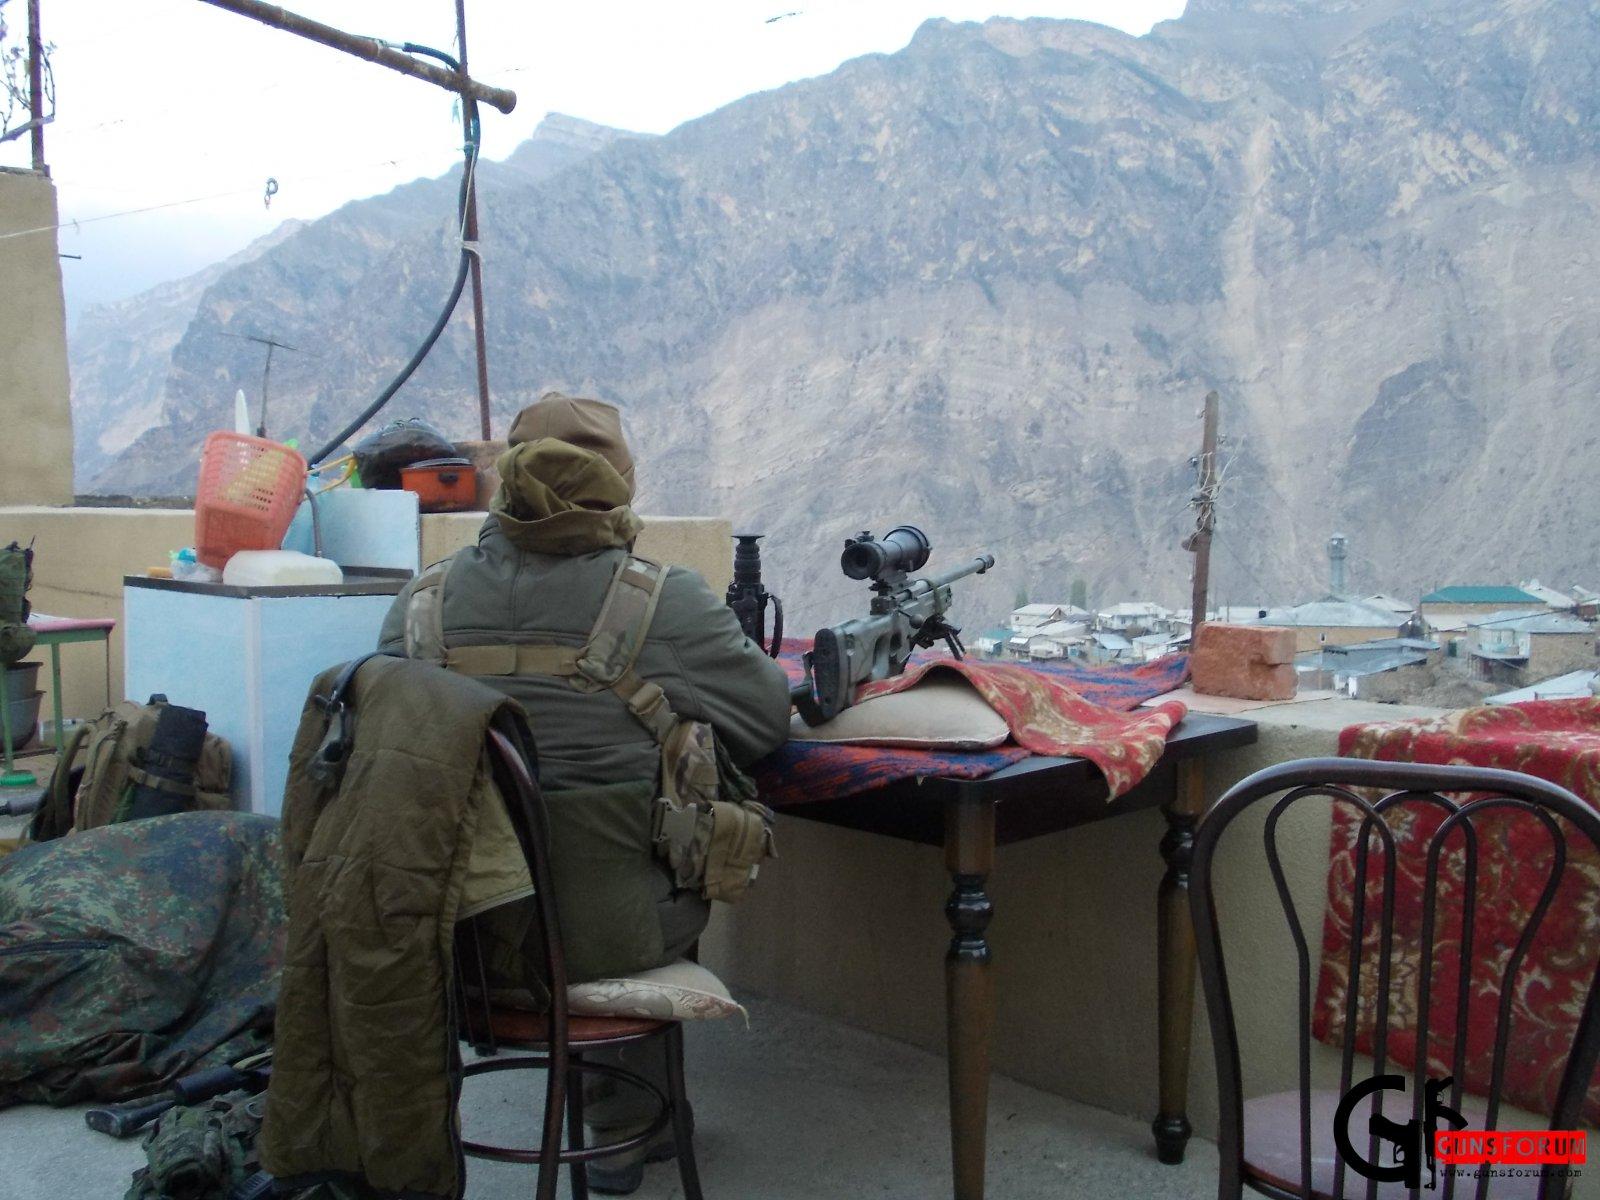 Снайпер второго уровня с винтовкой  AW (Великобритания) на позиции.  У его ног можно разглядеть «вторичку», в виде СВД-С